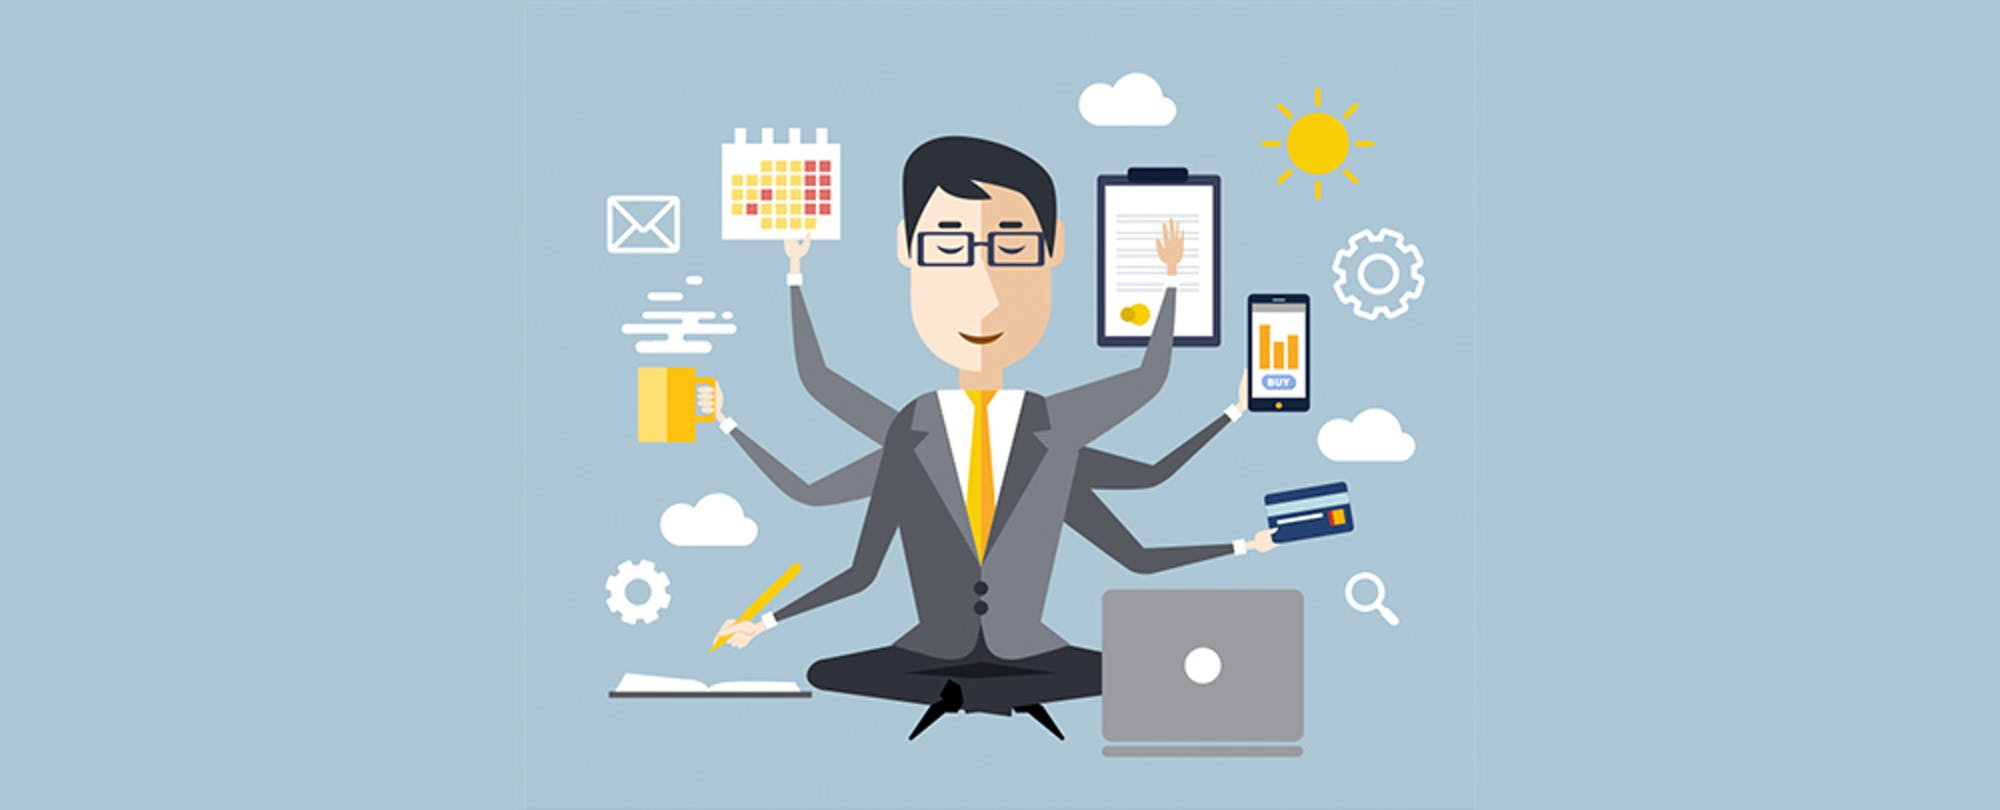 6 گام برای ایجاد مهارت های ارتباطی قوی تر در معمارها 1